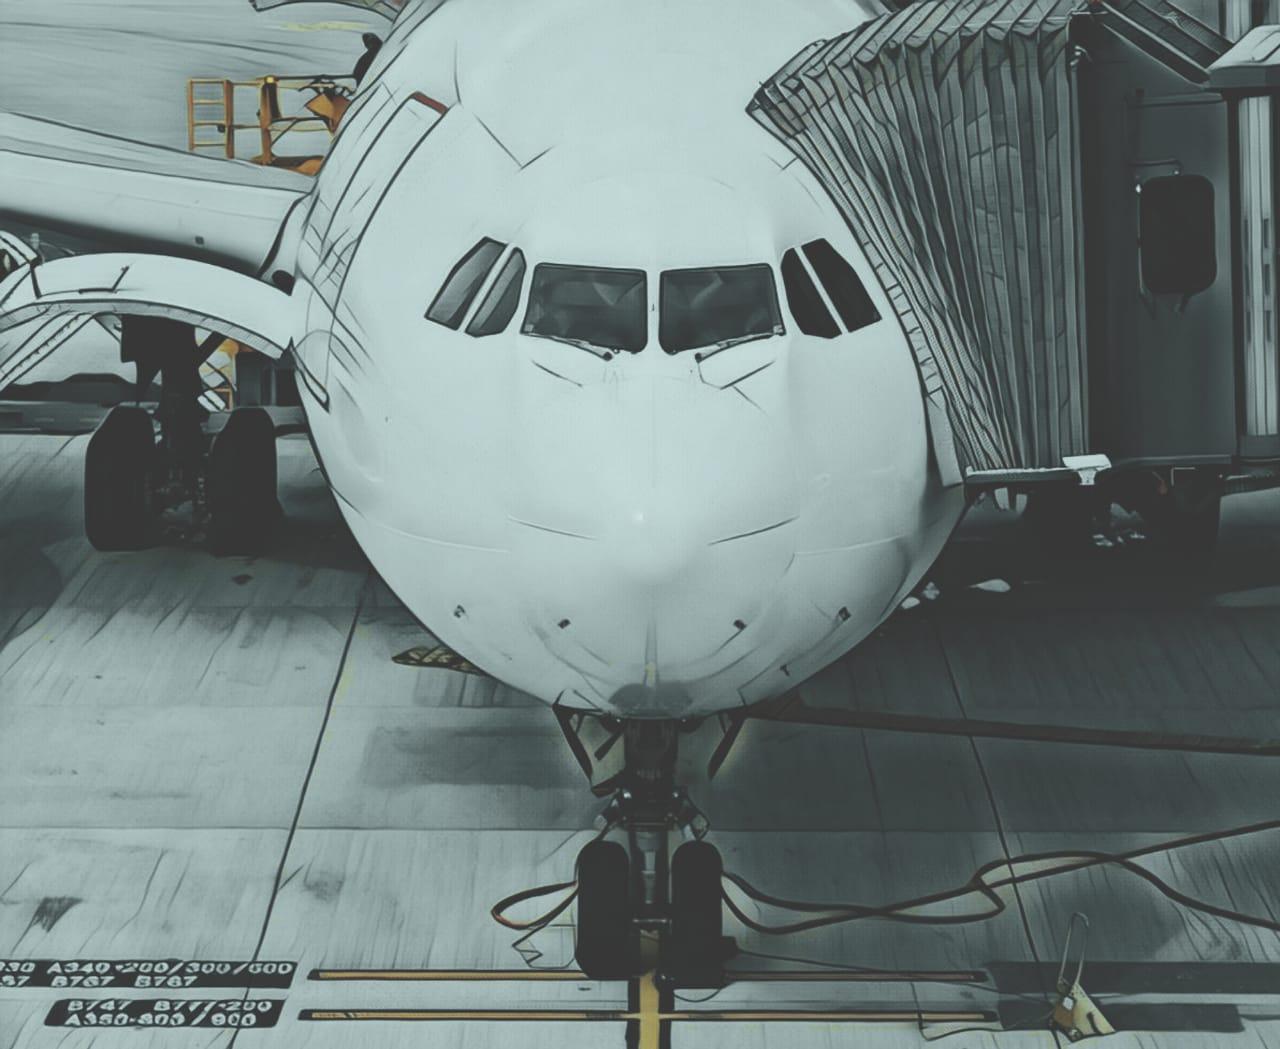 https: img-o.okeinfo.net content 2019 03 01 320 2024460 tiket-pesawat-mahal-penumpang-pindah-ke-angkutan-darat-dan-laut-UmIEIZLAKg.jpeg